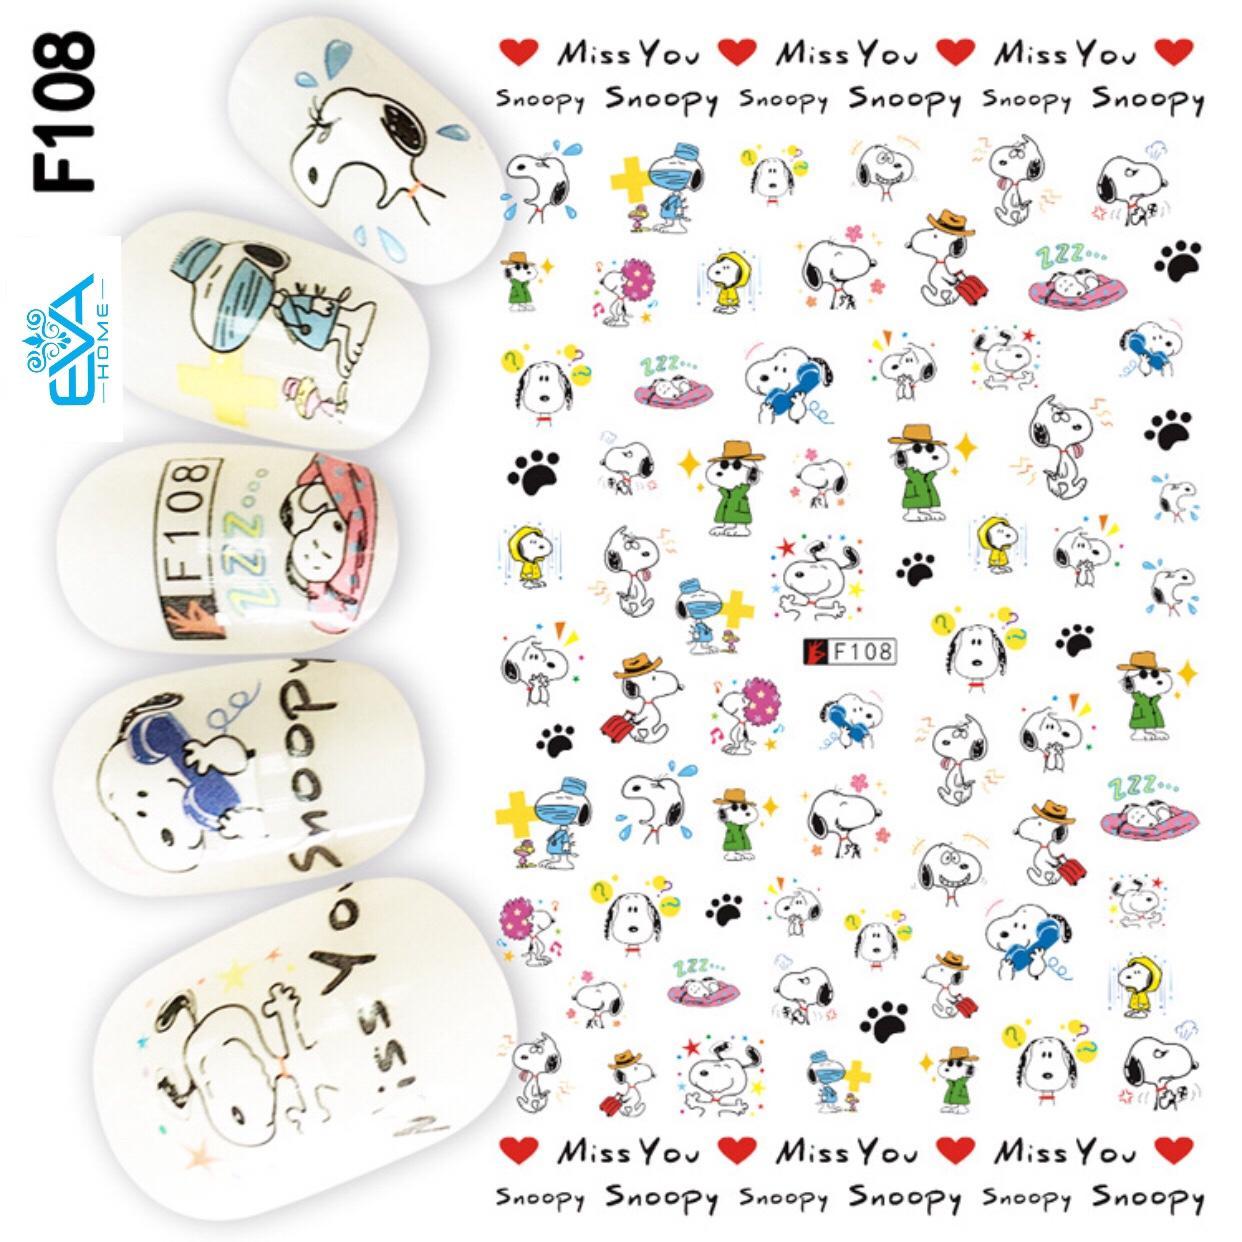 Miếng Dán Móng Tay 3D Nail Sticker Hoạt Hình Chú Chó Snoopy F108 tốt nhất